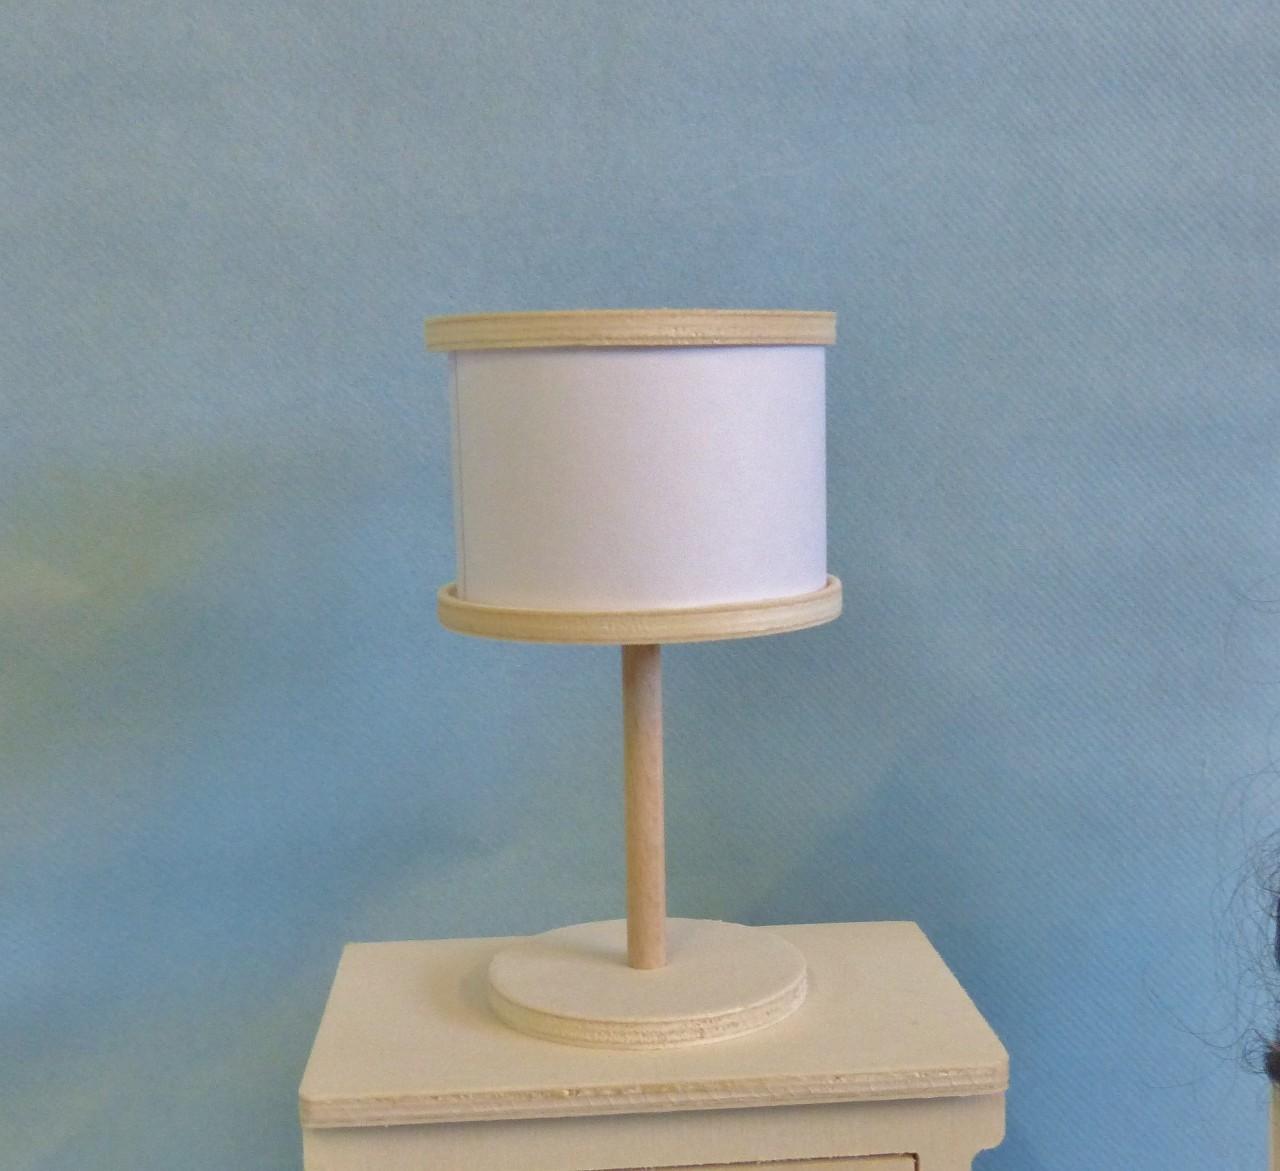 Monter Une Lampe De Chevet lampe de chevet miniature 1/6ème en kit